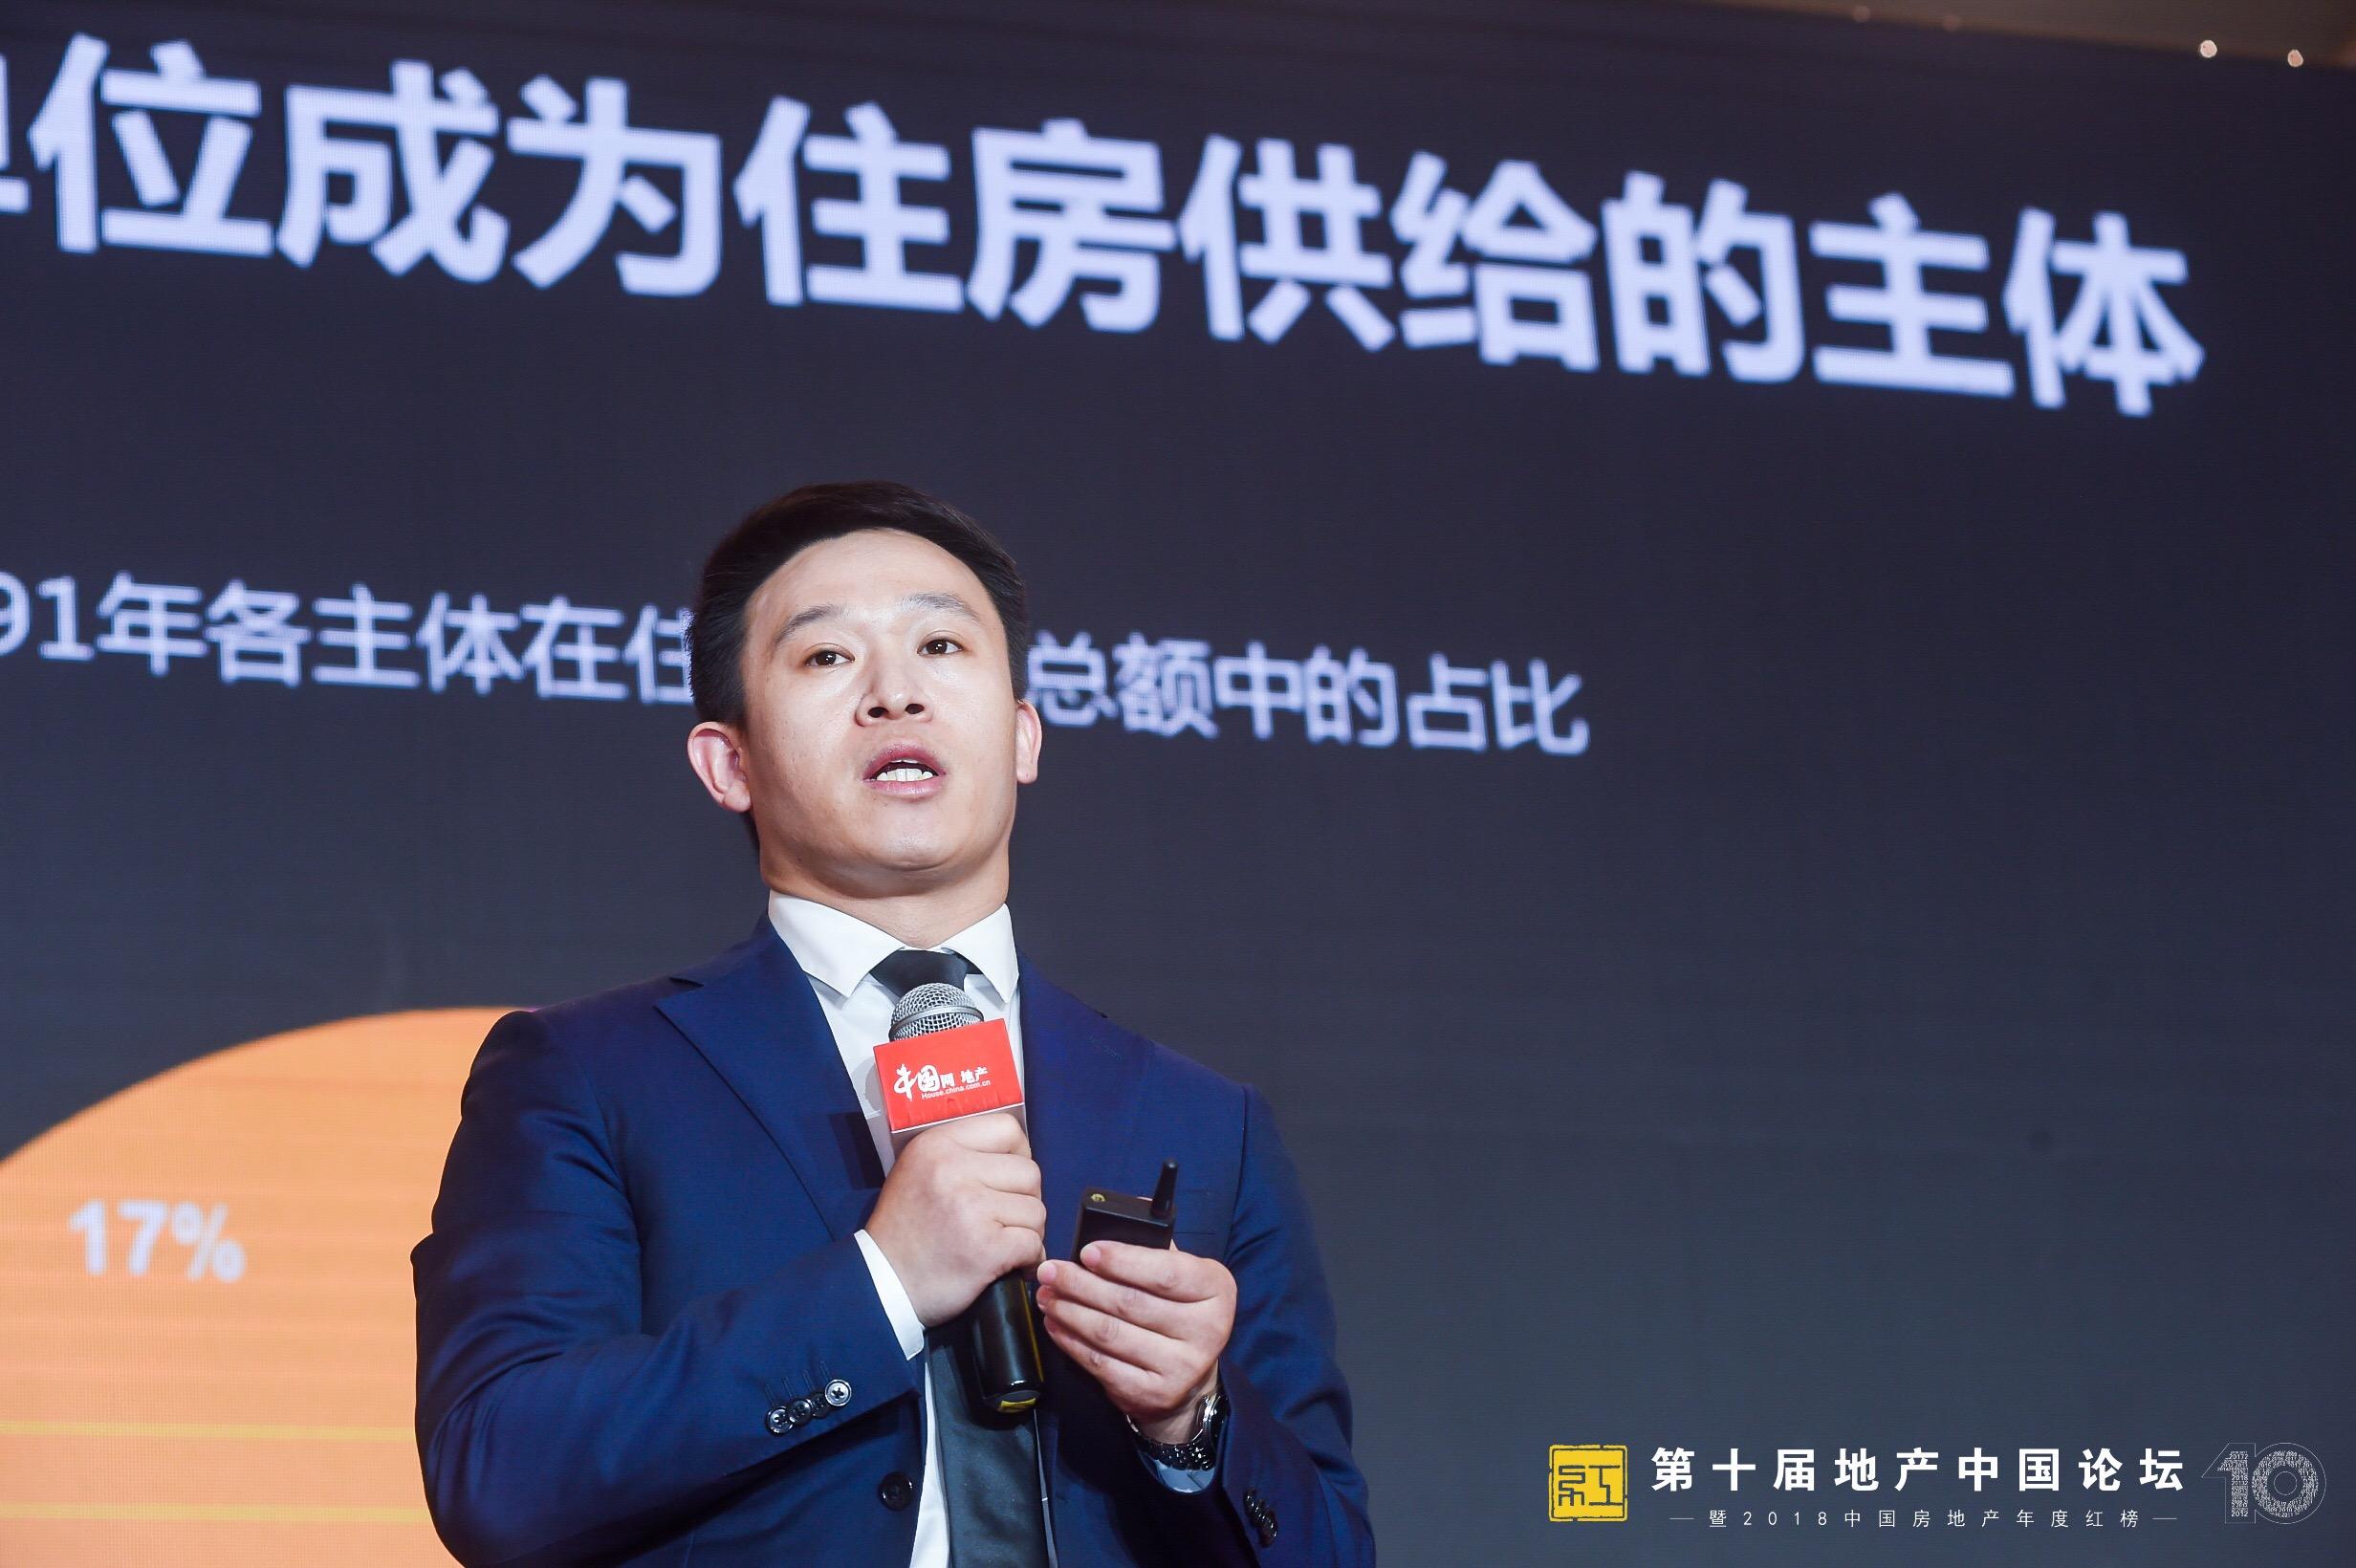 杨现领:旧的市场分析思路逐渐失效 新的市场机制正在显现-中国网地产